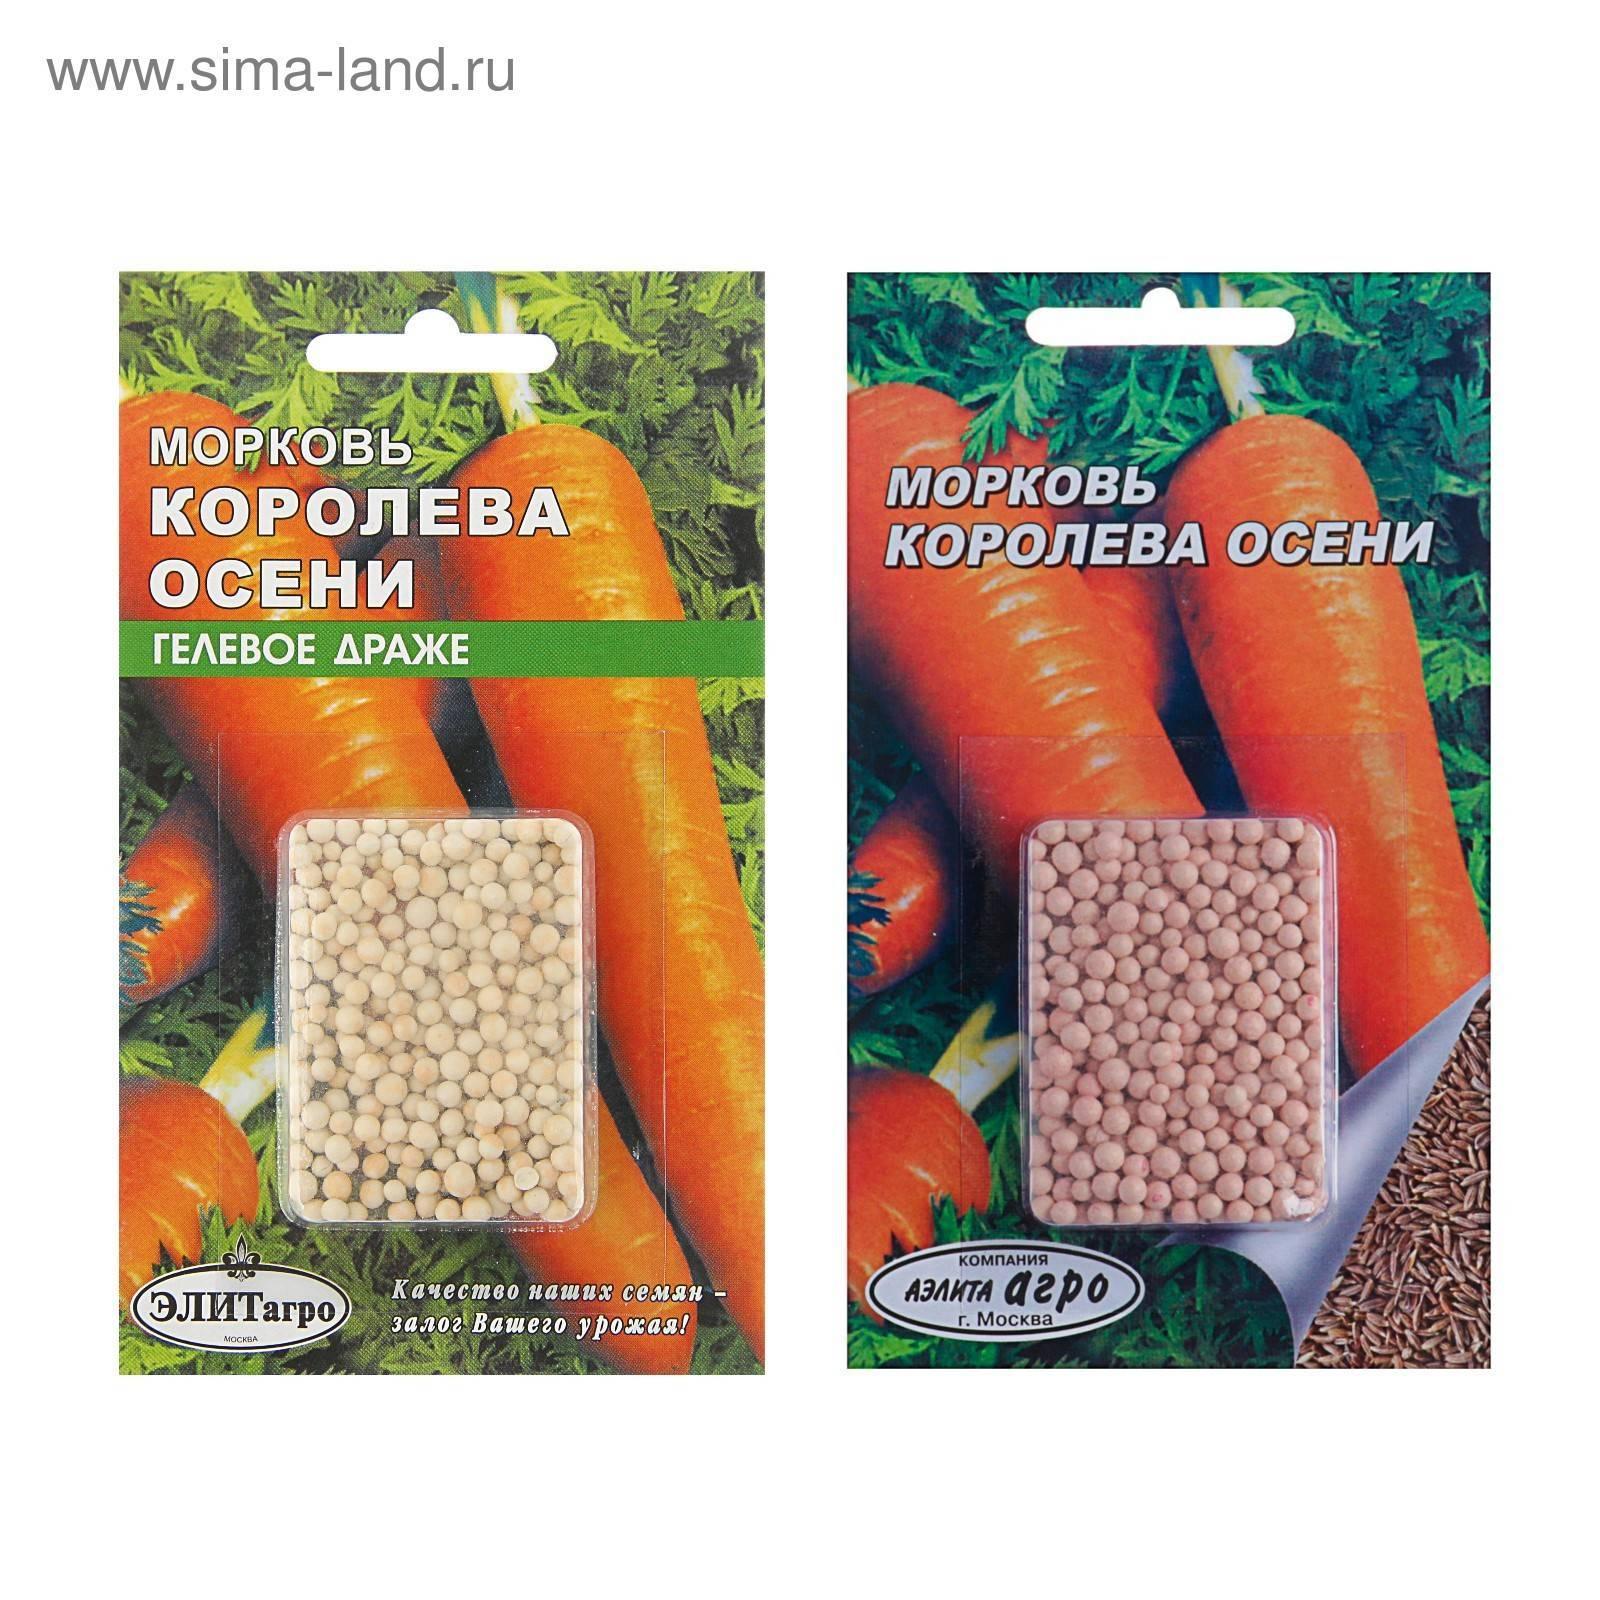 Как правильно выращивать позднеспелый сорт моркови королева осени